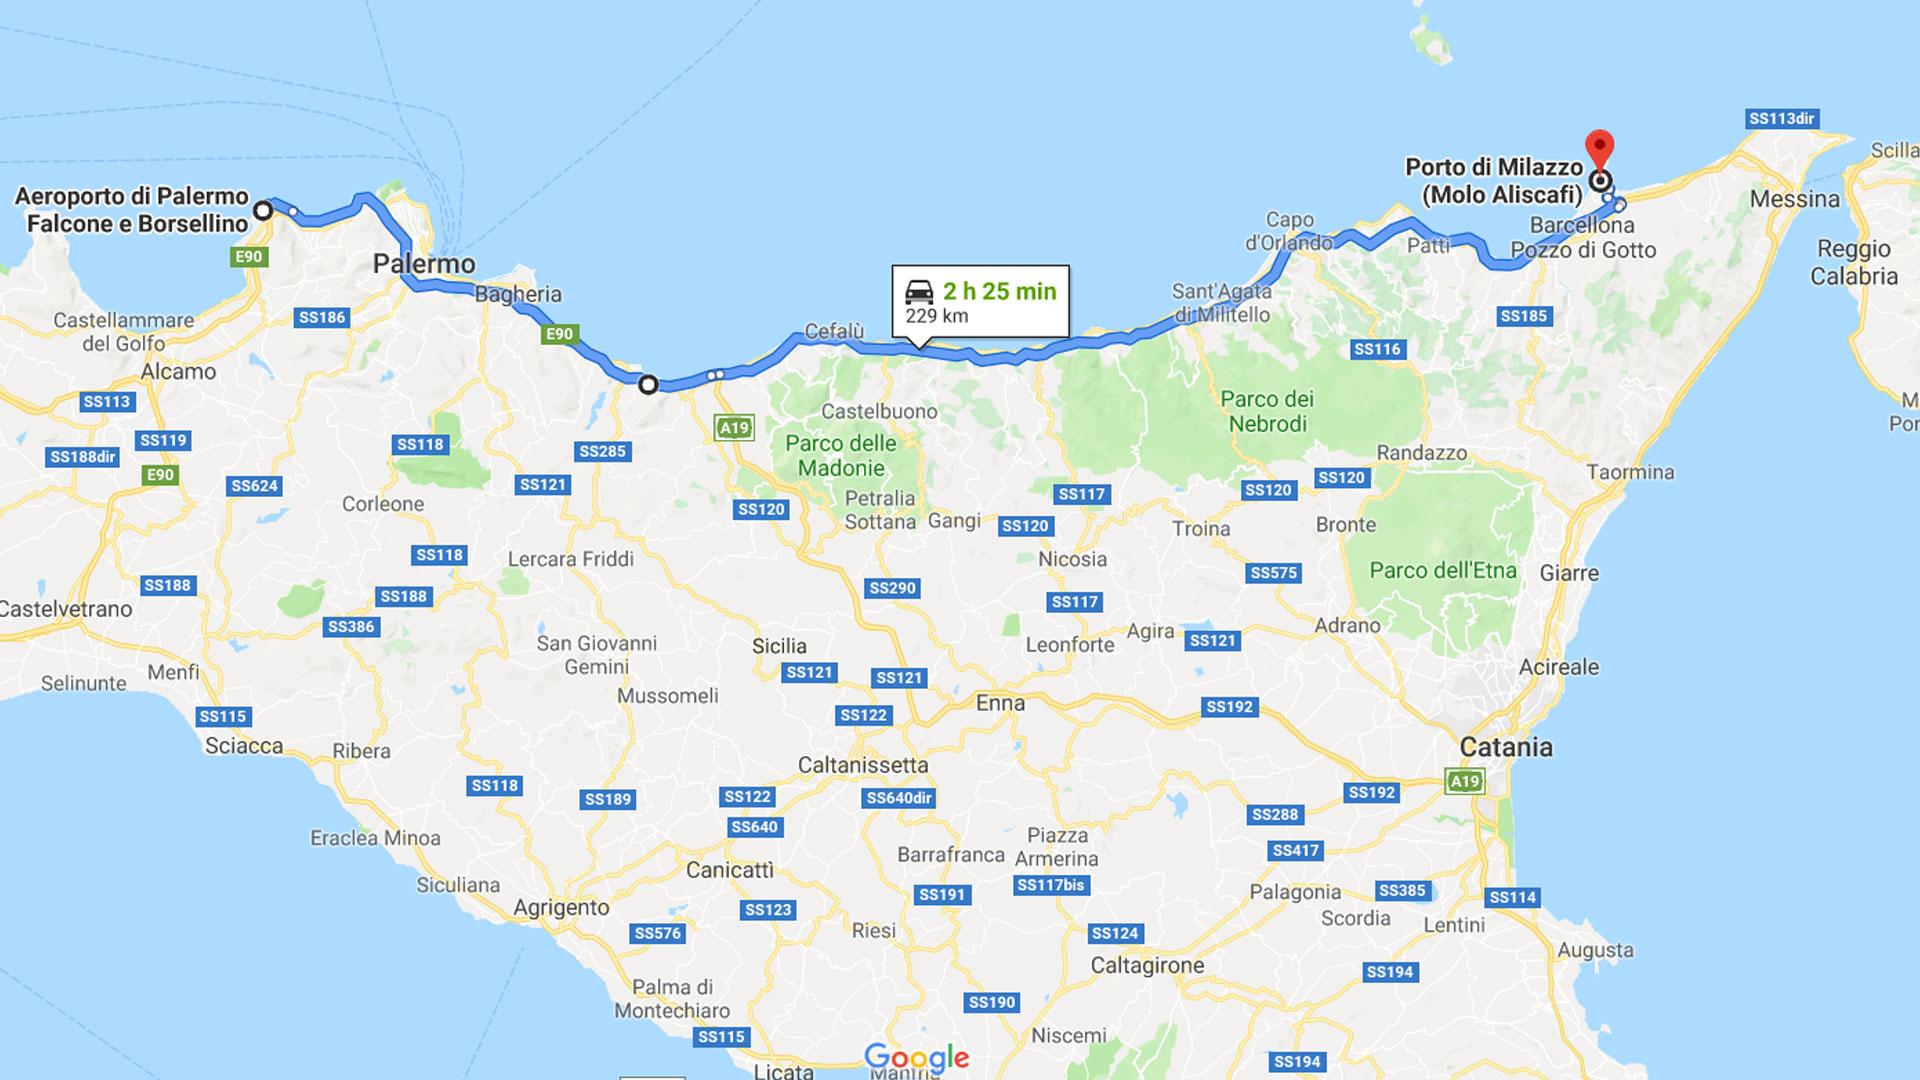 Palermo - Milazzo